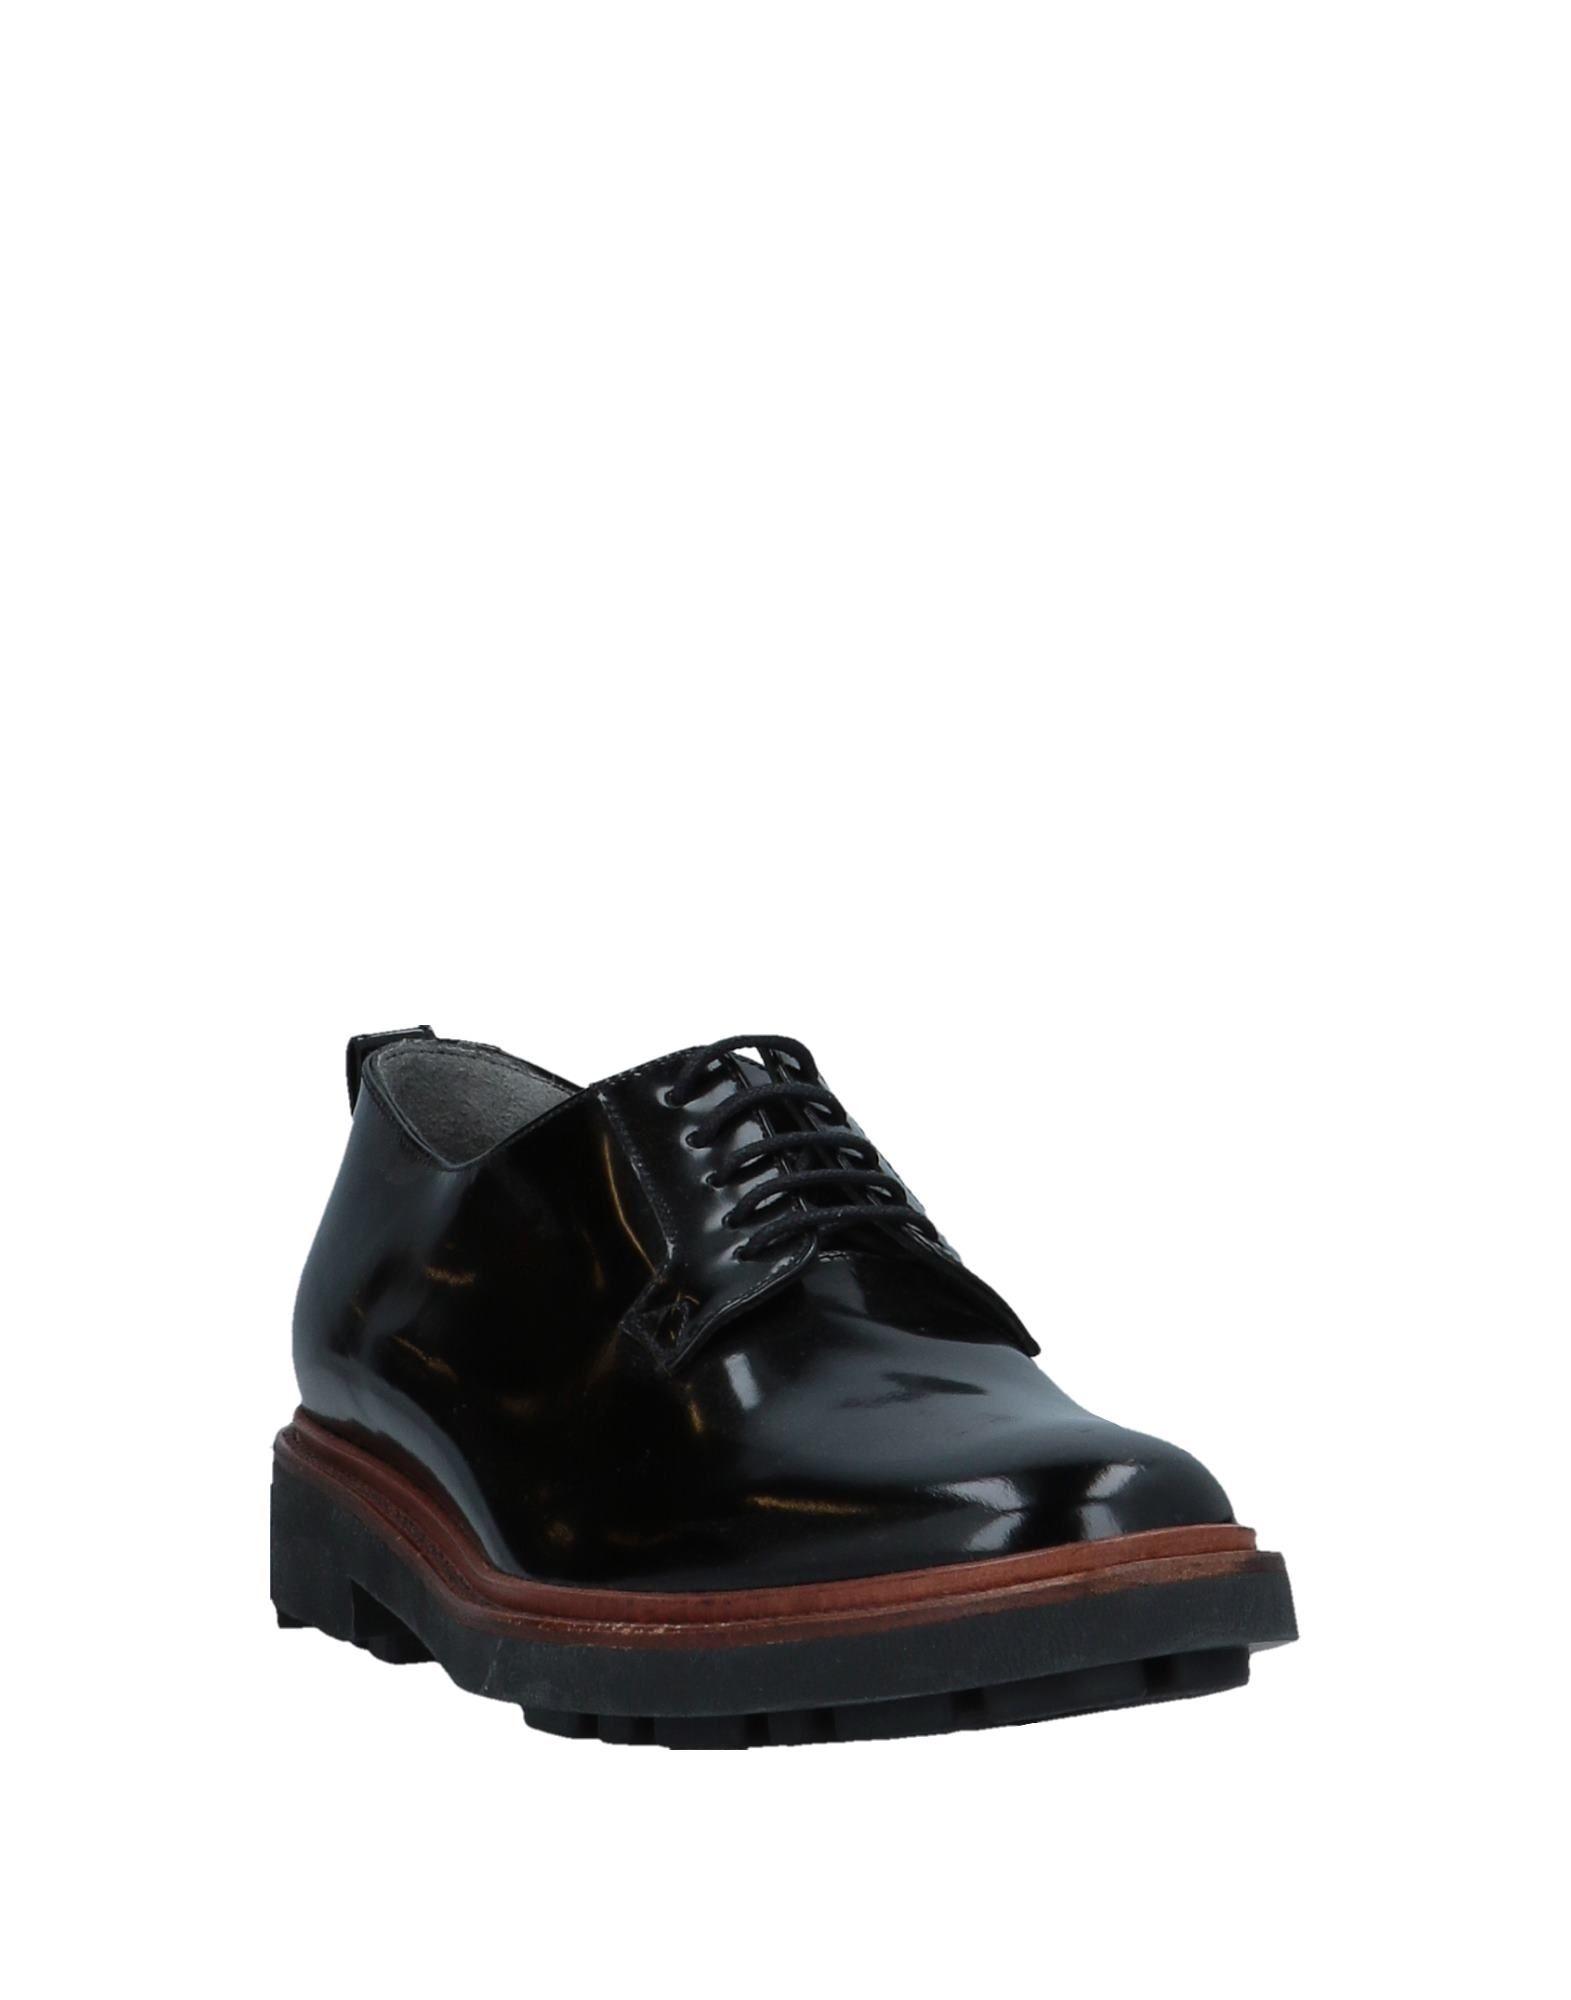 Rabatt Schuhe  Robert Clergerie Schnürschuhe Damen  Schuhe 11522270FW 912e4c